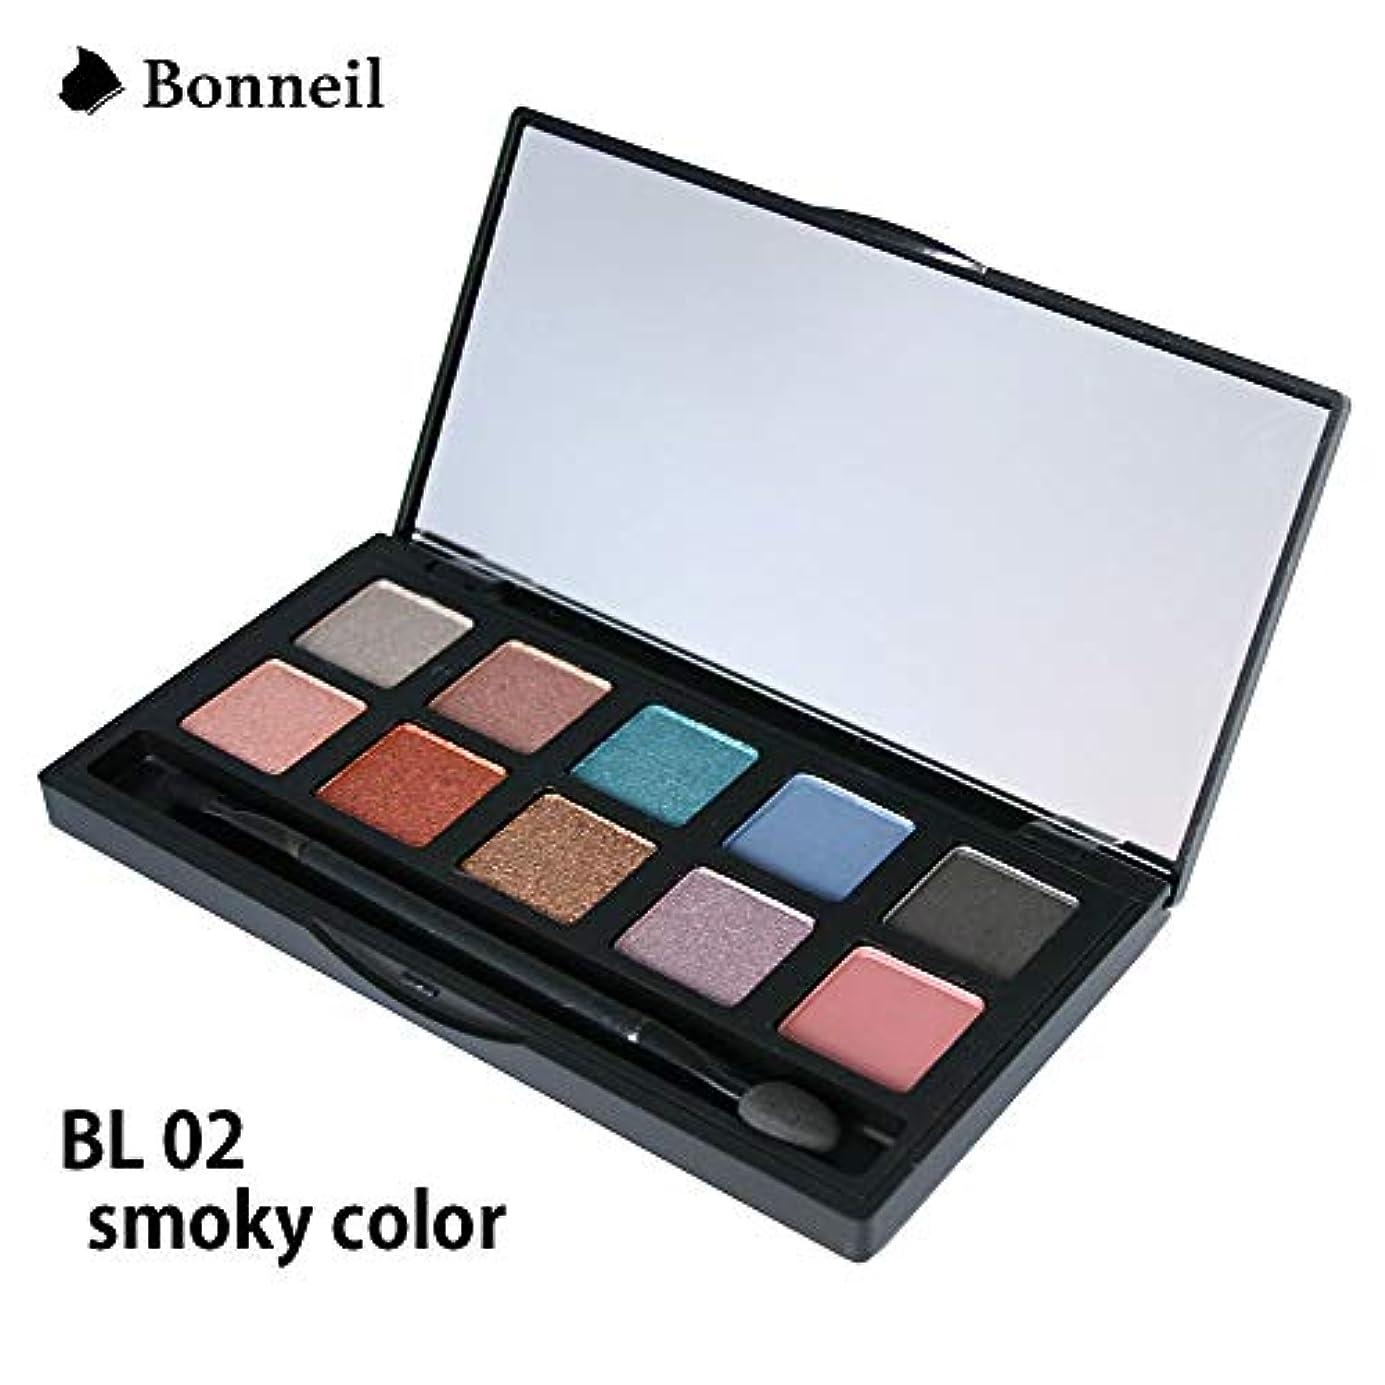 言い換えるとリングアブストラクトアイシャドウパレット 10色 チップ&ブラシ付属 Bonneil ボヌール